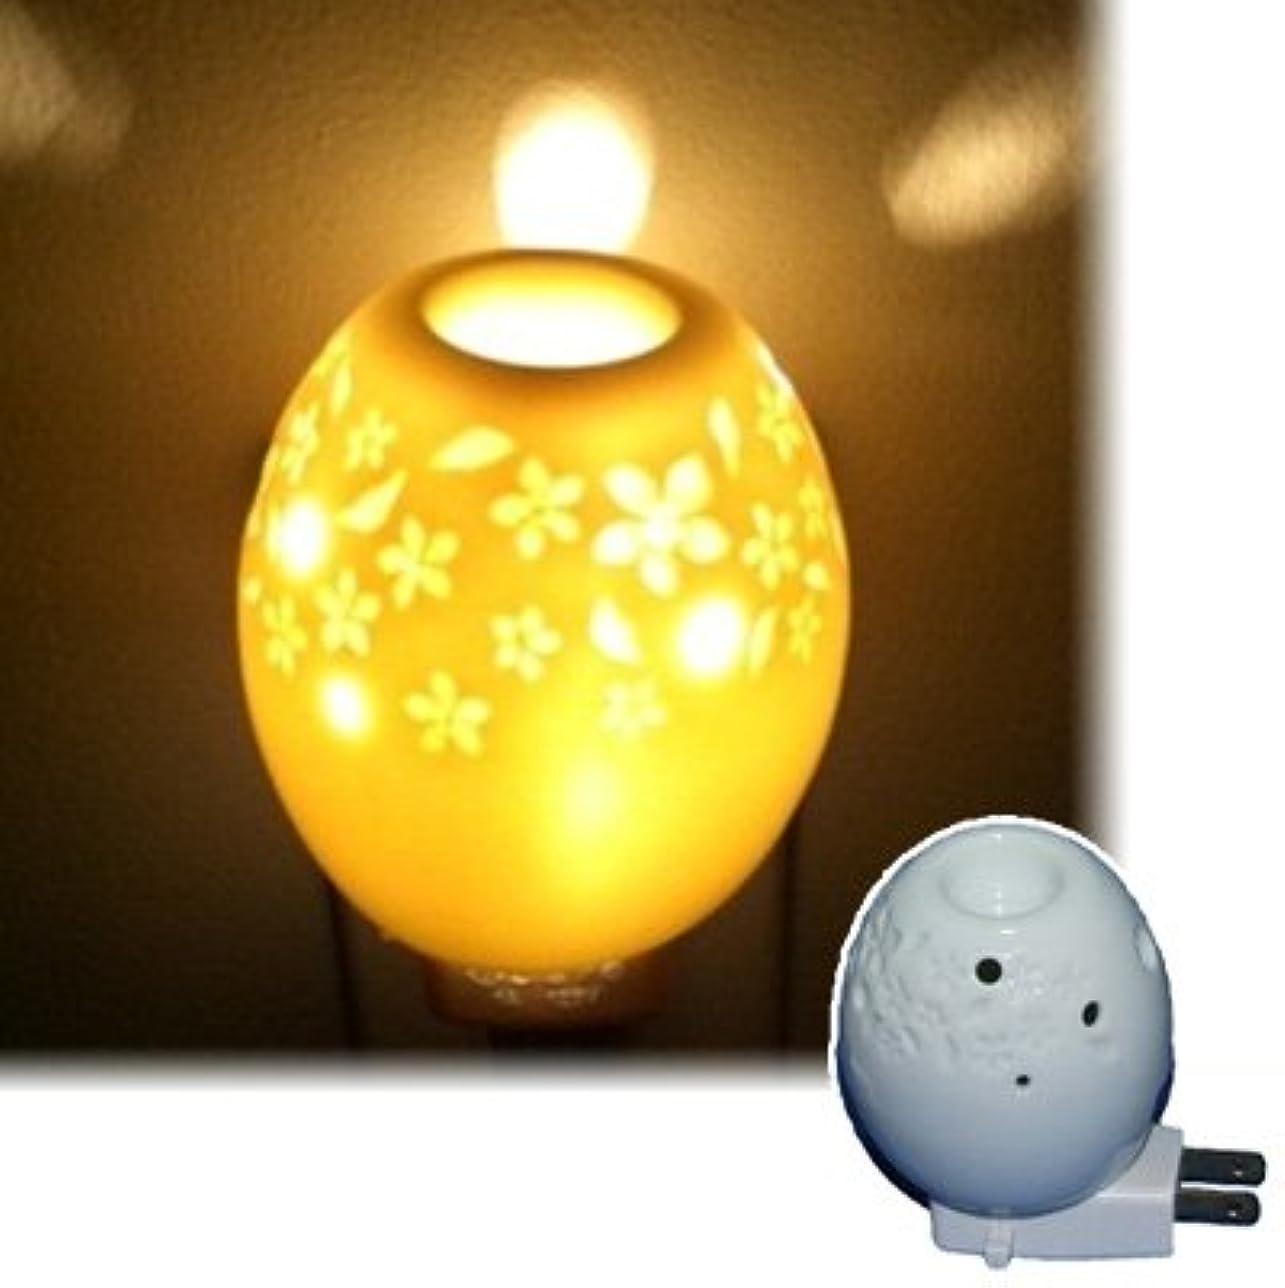 ダブル胴体ソーシャルアロマオールナイト オーバル 生活の木 アロマランプ(電気式芳香器)